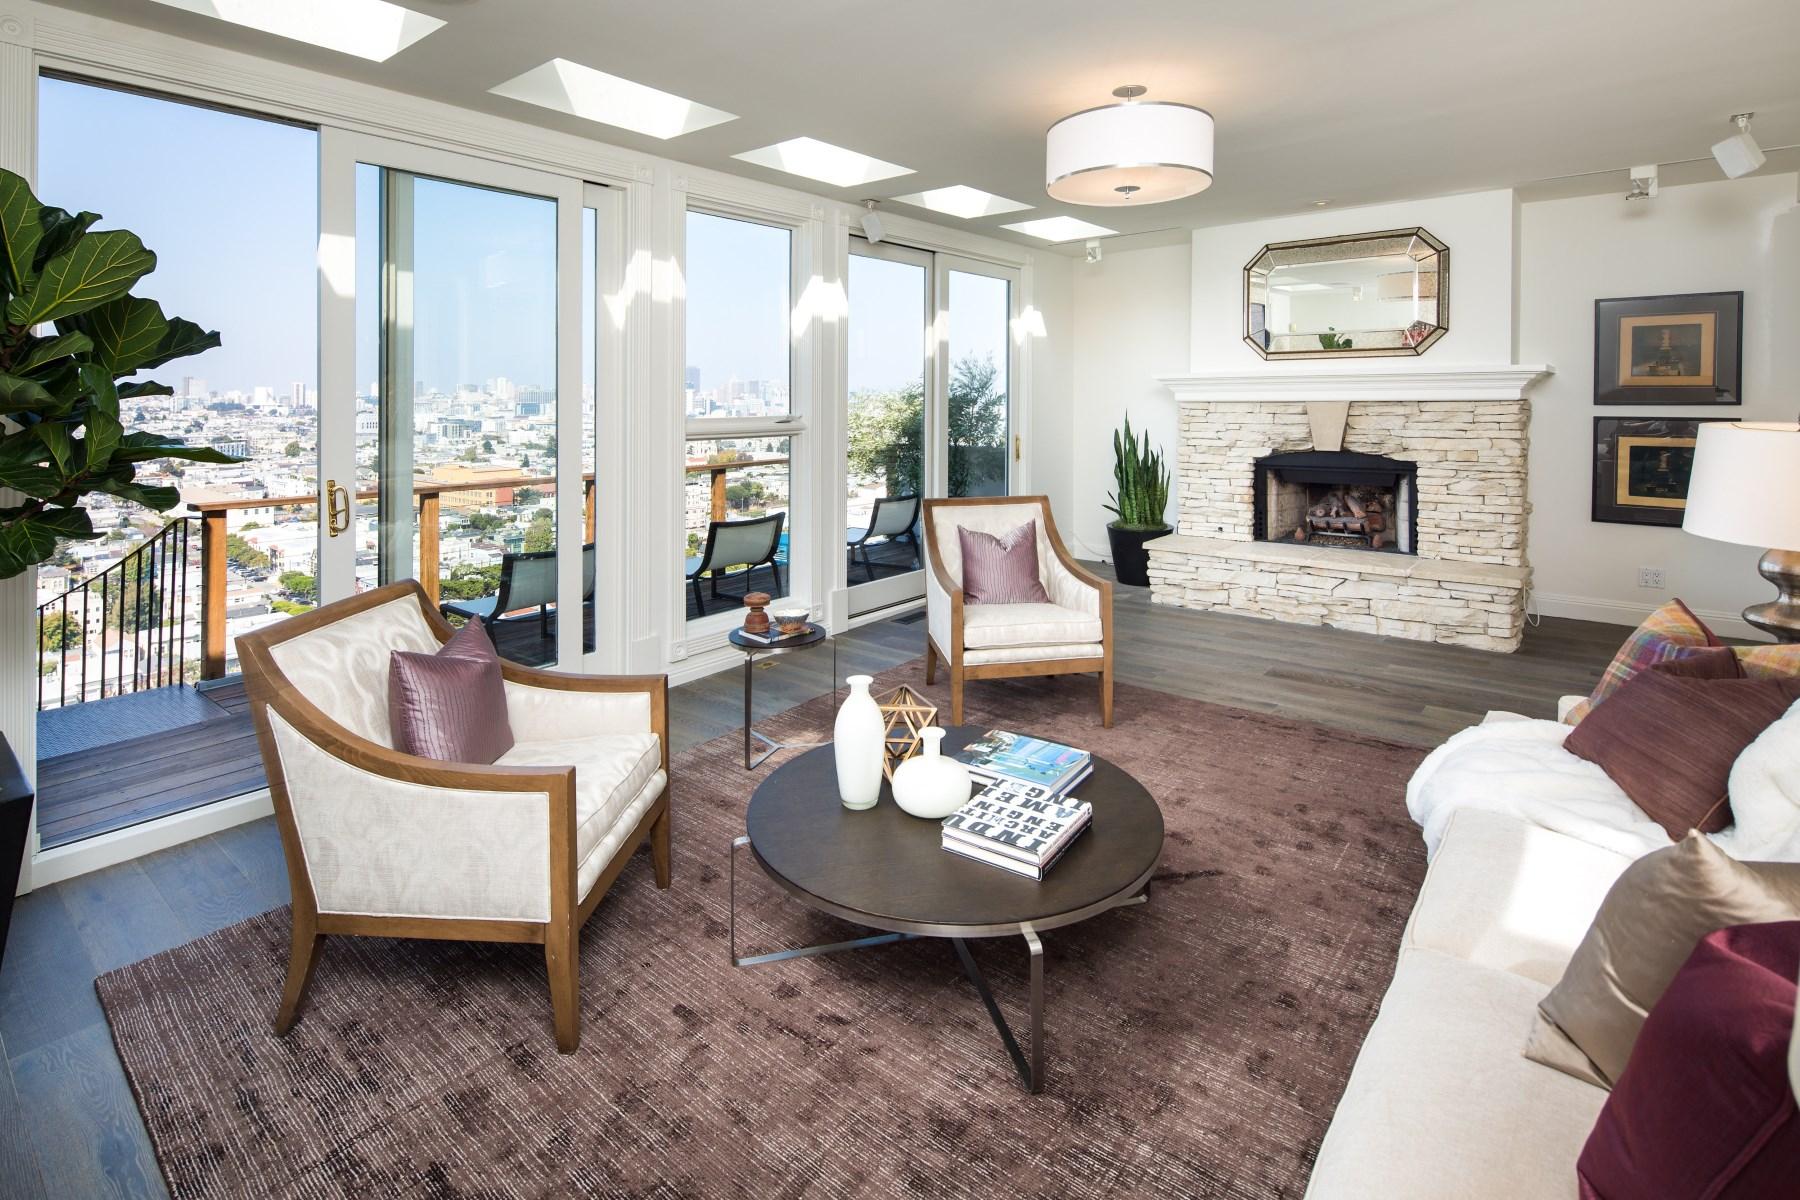 Einfamilienhaus für Verkauf beim Commanding Views on Coveted Cumberland 340 Cumberland St San Francisco, Kalifornien, 94114 Vereinigte Staaten